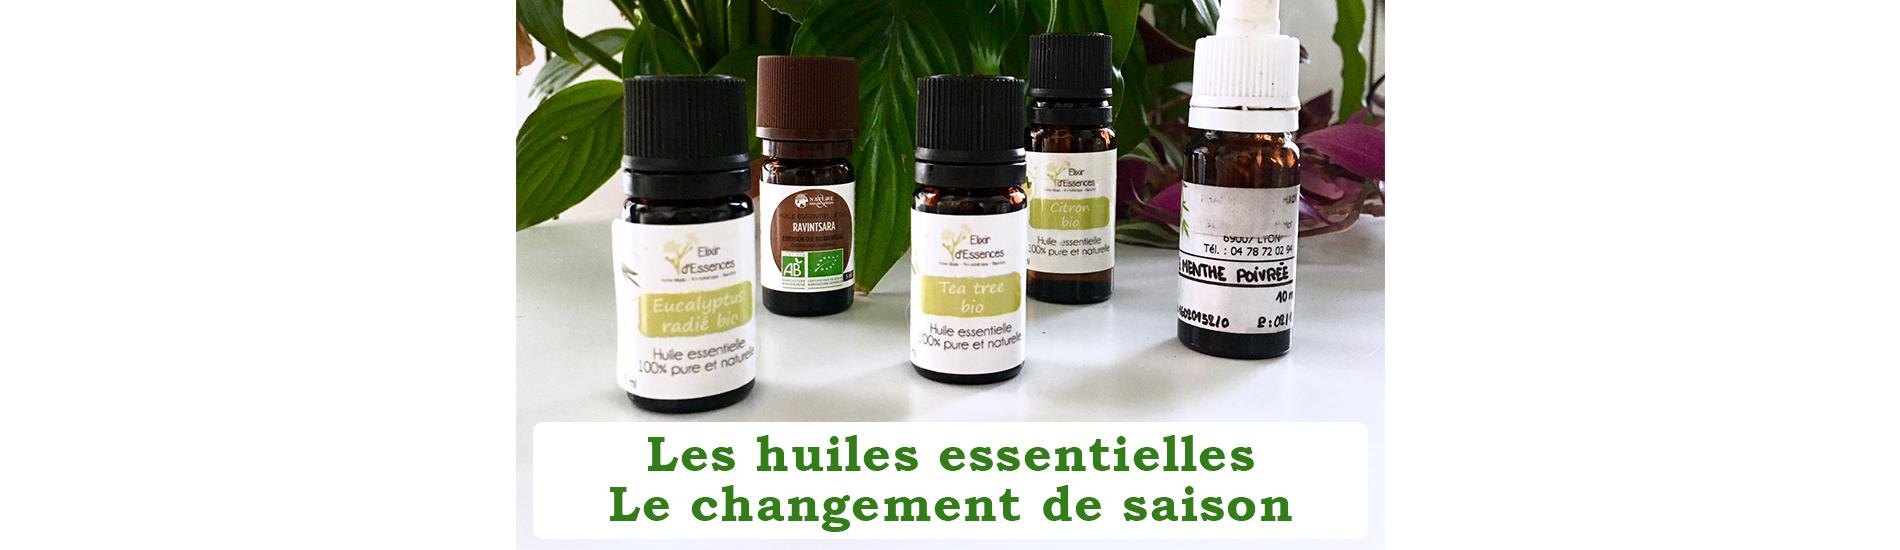 Bandeau huiles essentielles changement de saison